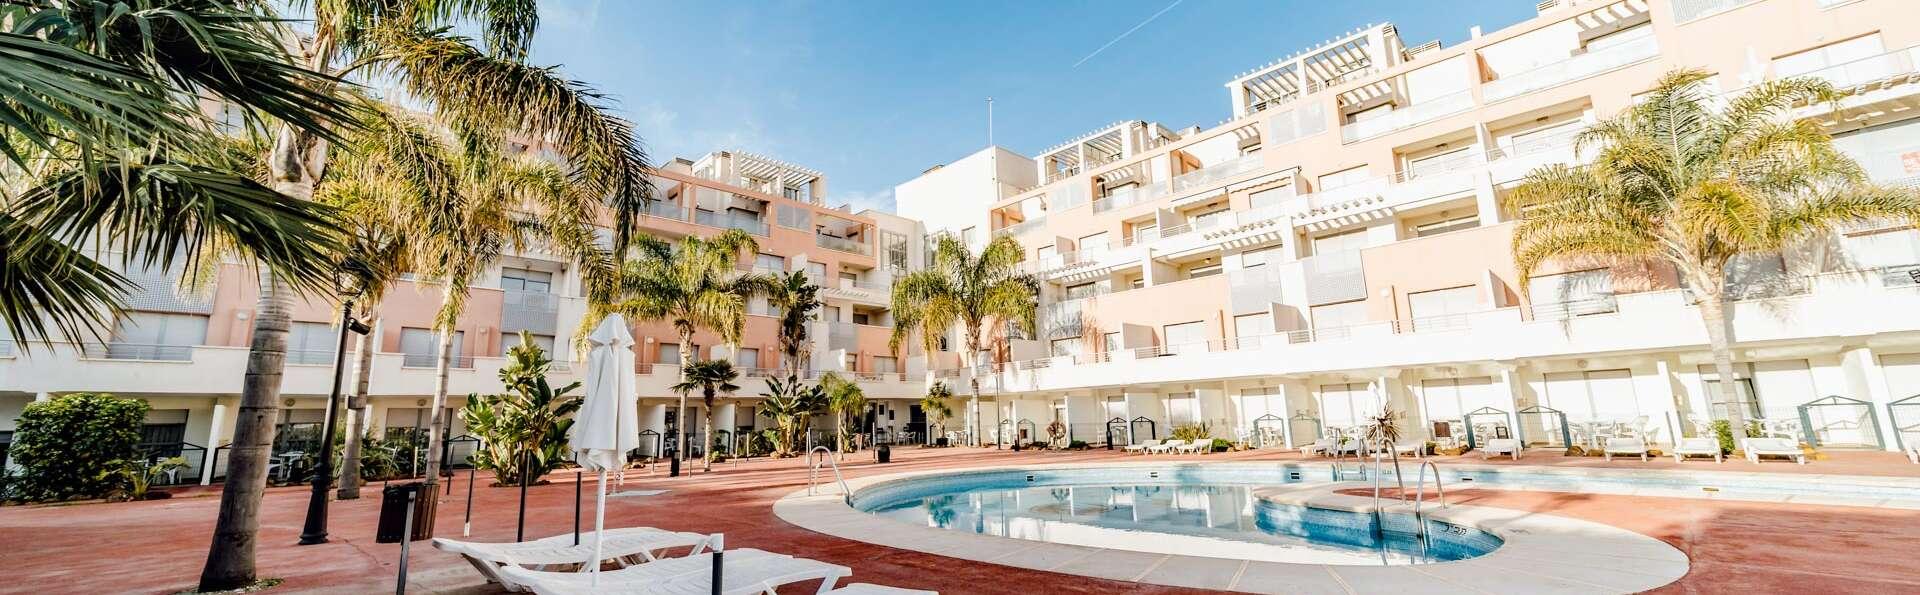 Escapade en famille à la plage : Découvrez la côte d'Almeria en demi-pension